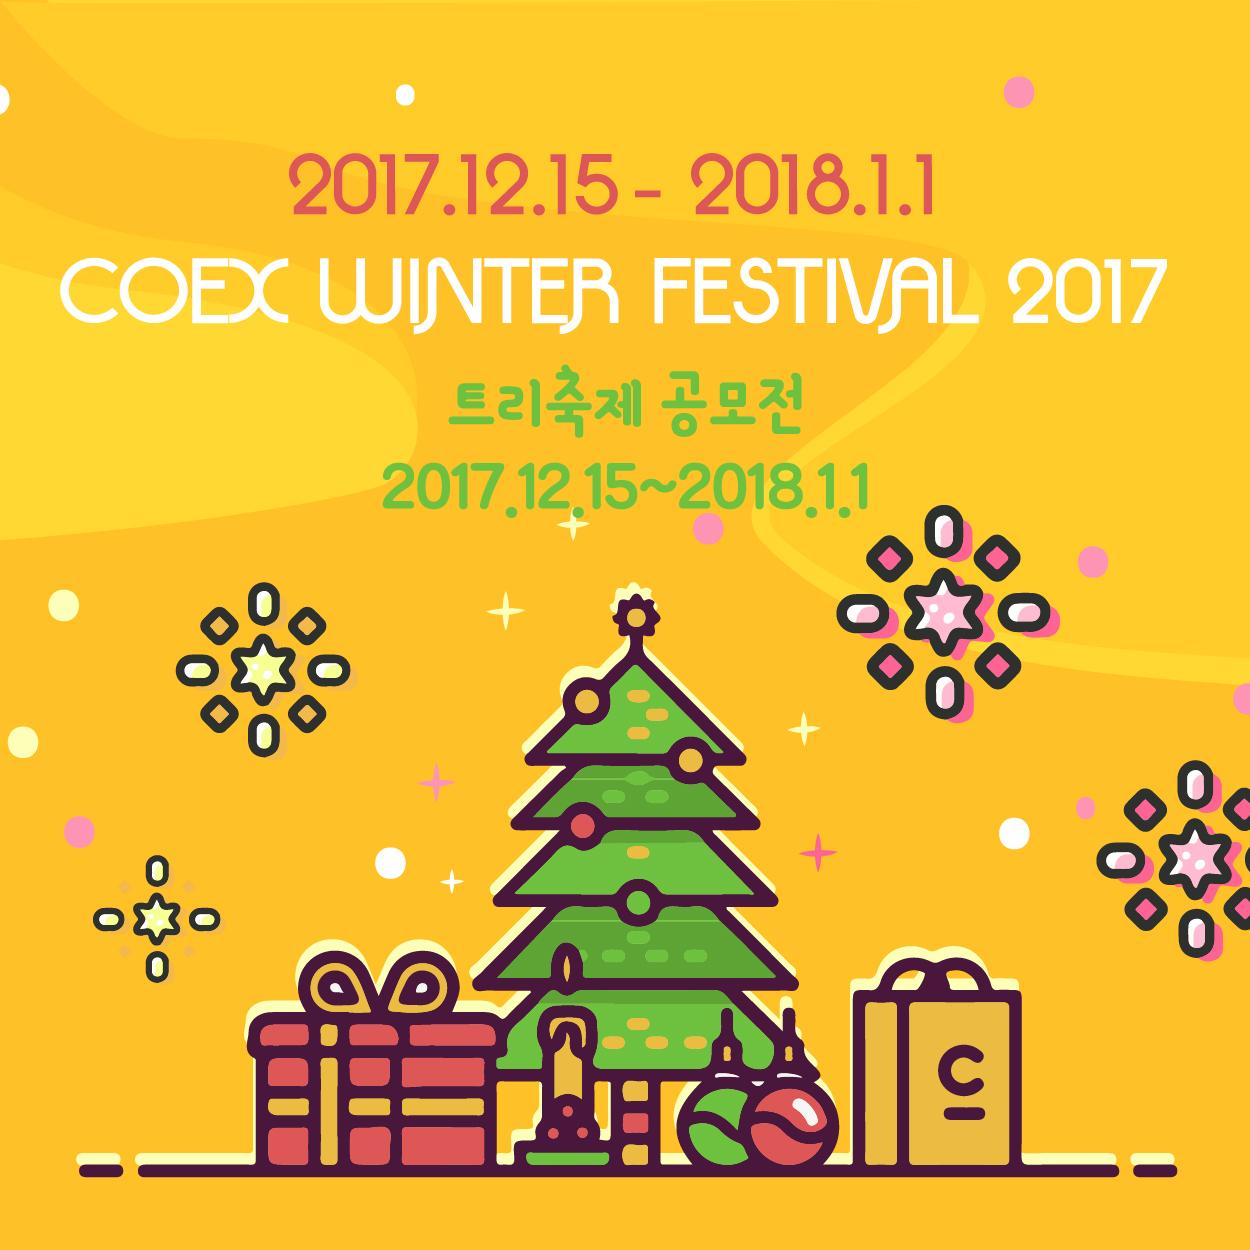 코엑스 Winter Festival 트리축제 공모전